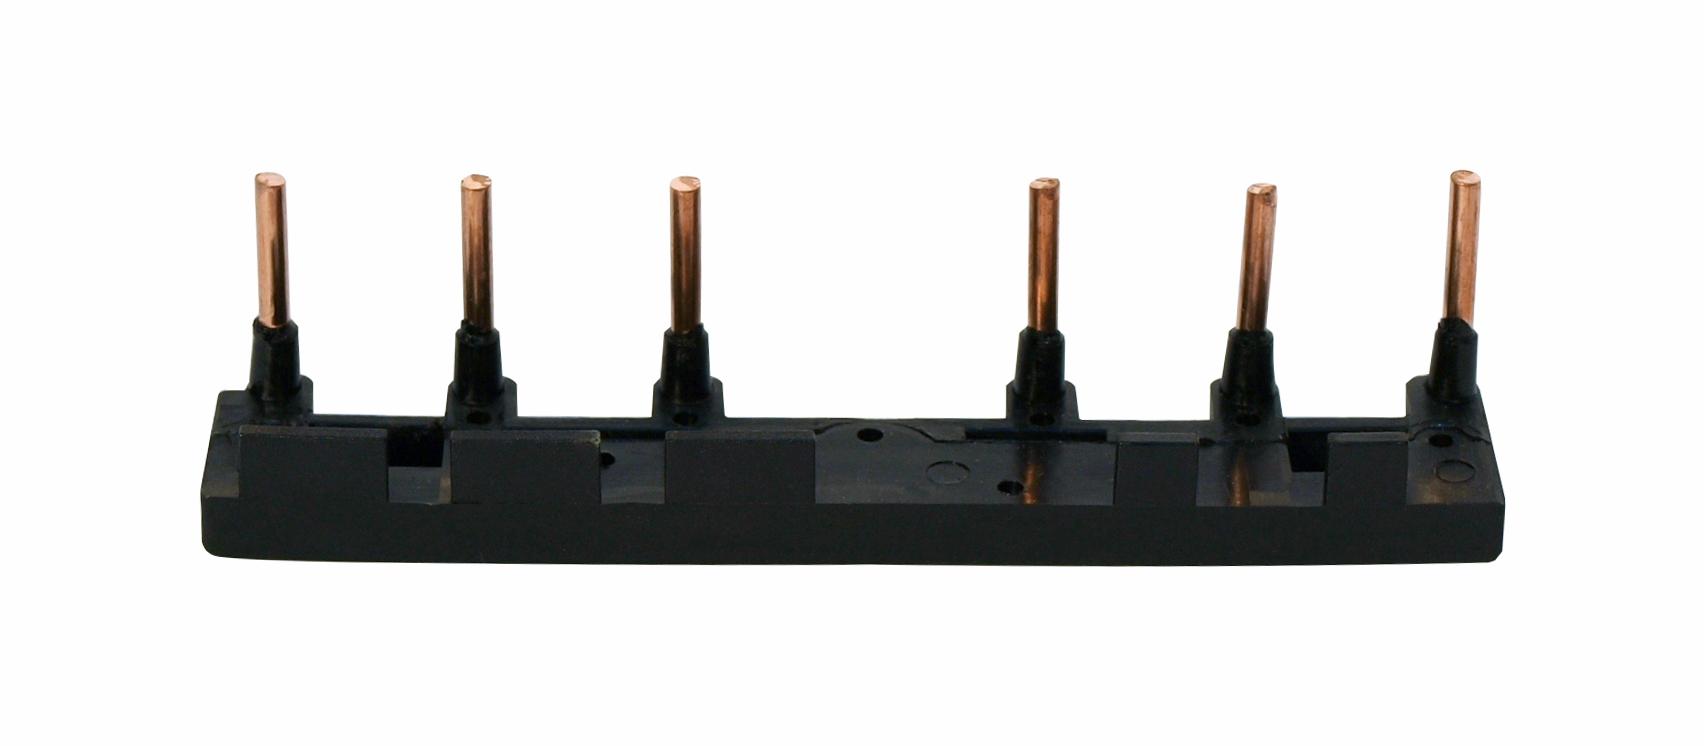 1 Stk Bausatz f. Y-D-Komb.0-0-0, Verschienung, Verbindungsclips LSZ0Y001--